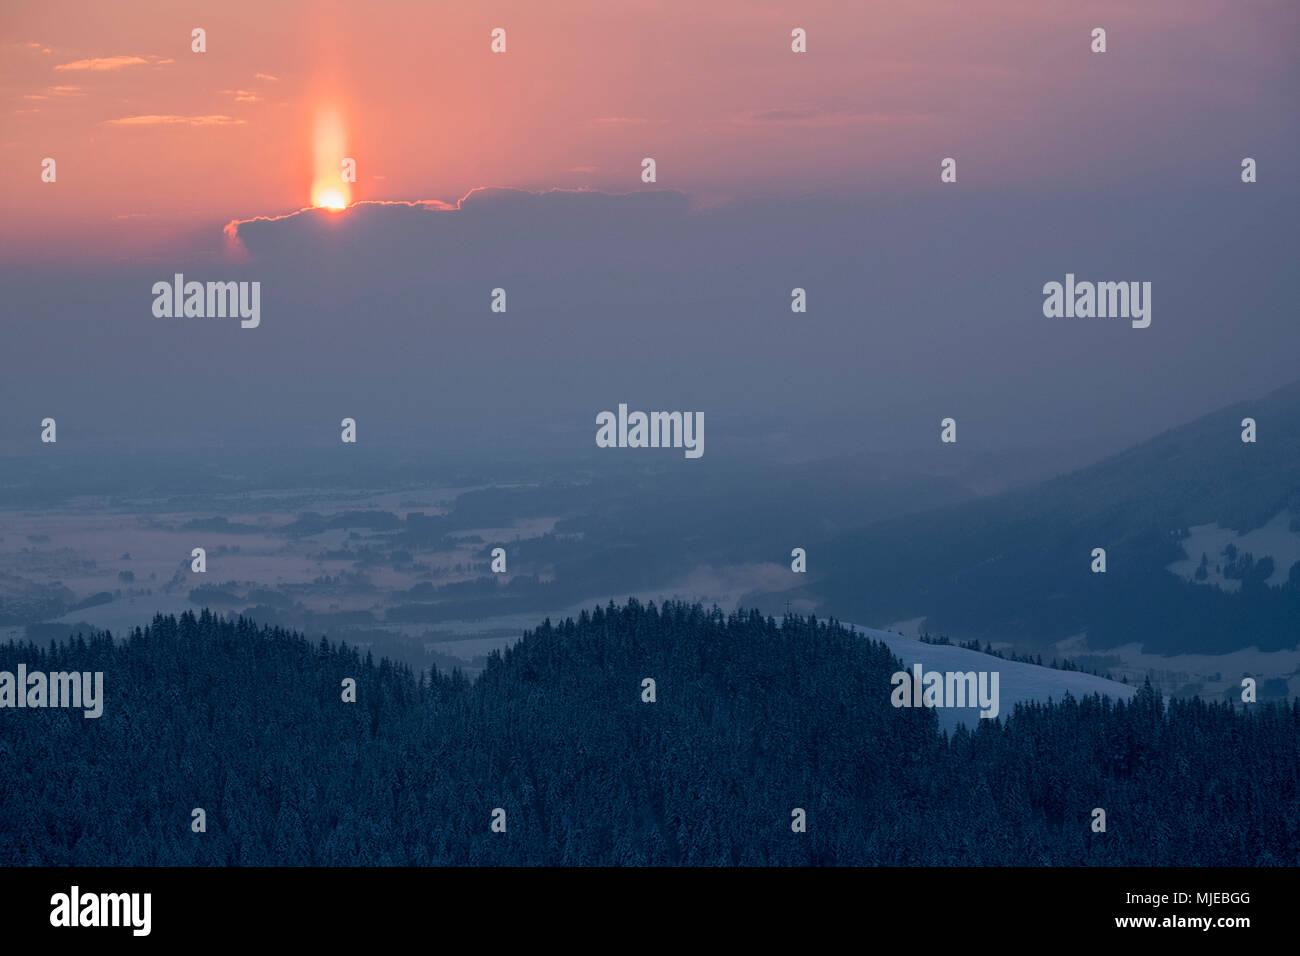 Matin sur l'humeur Zwiesel en vue de l'Blomberg et la vallée en hiver, fermer Bad Tölz, Alpes bavaroises, Bavière, Allemagne Photo Stock